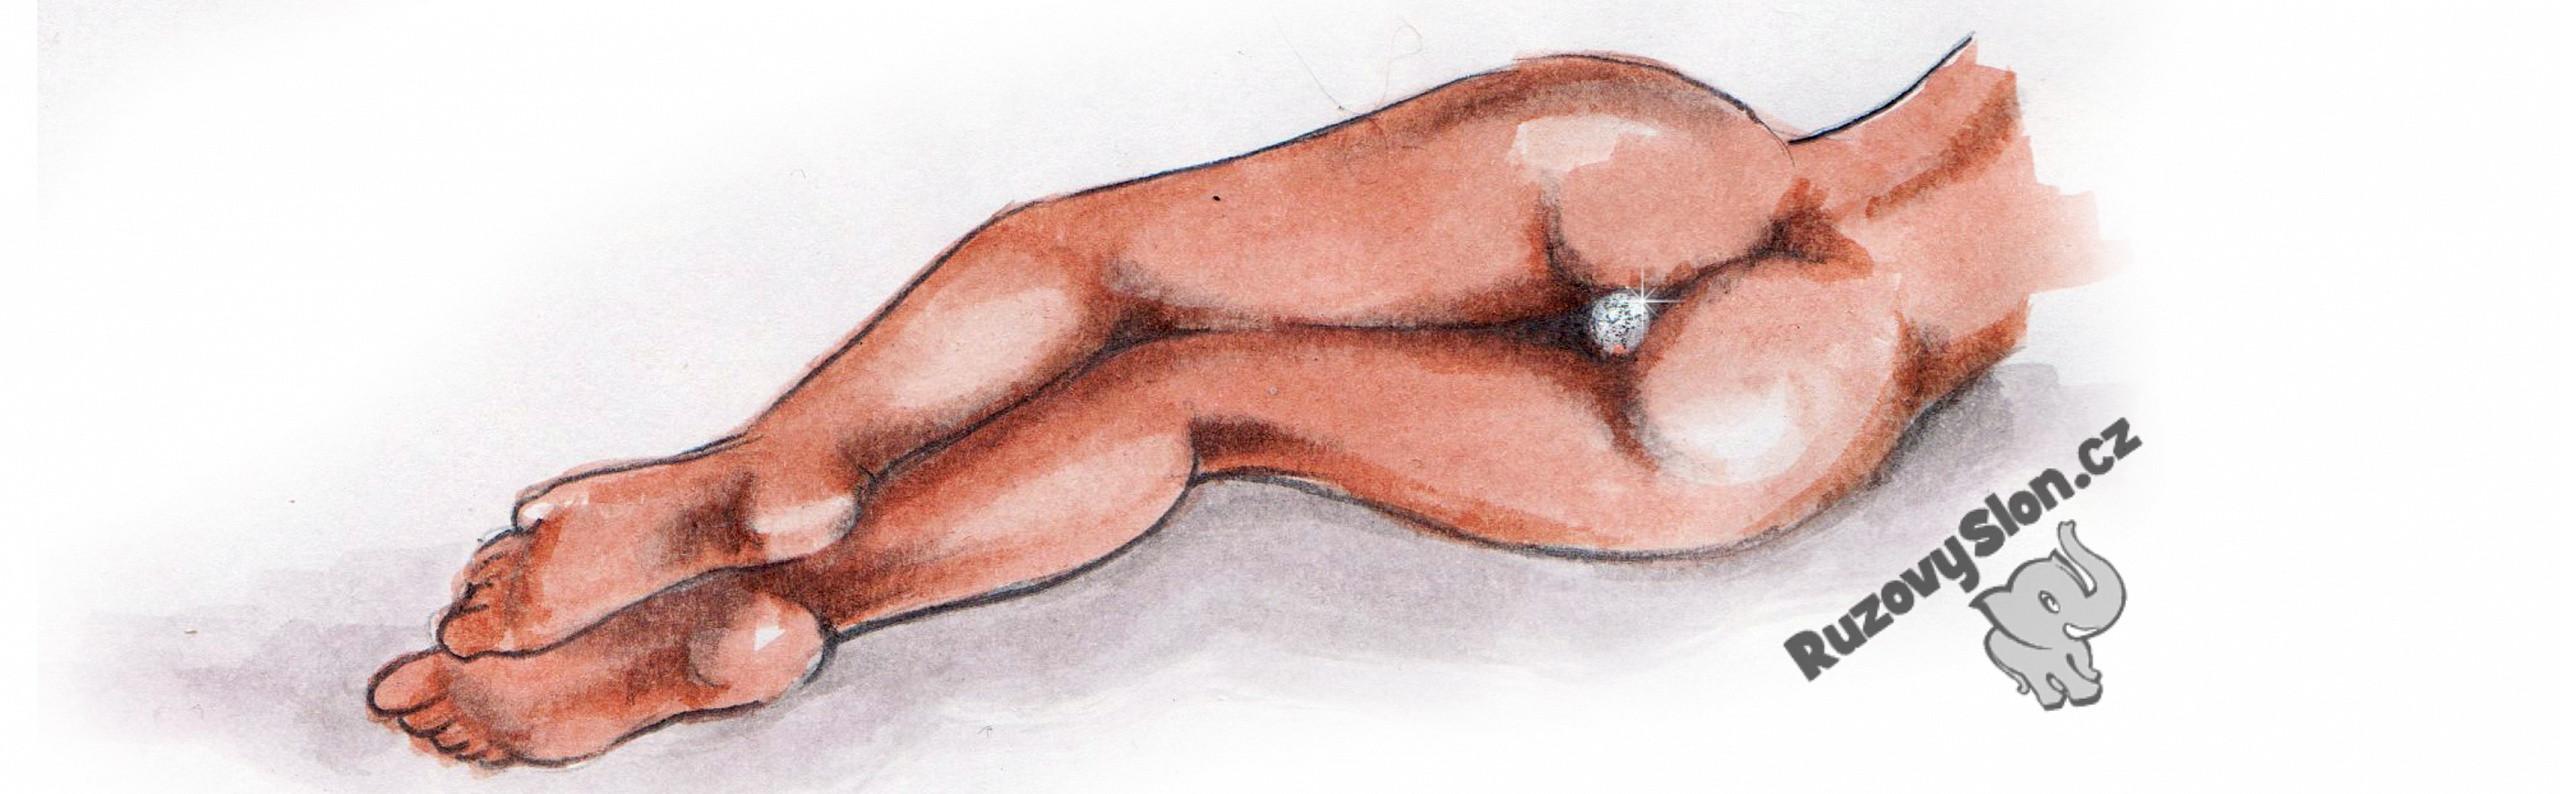 Ležící žena s análním šperkem v zadečku